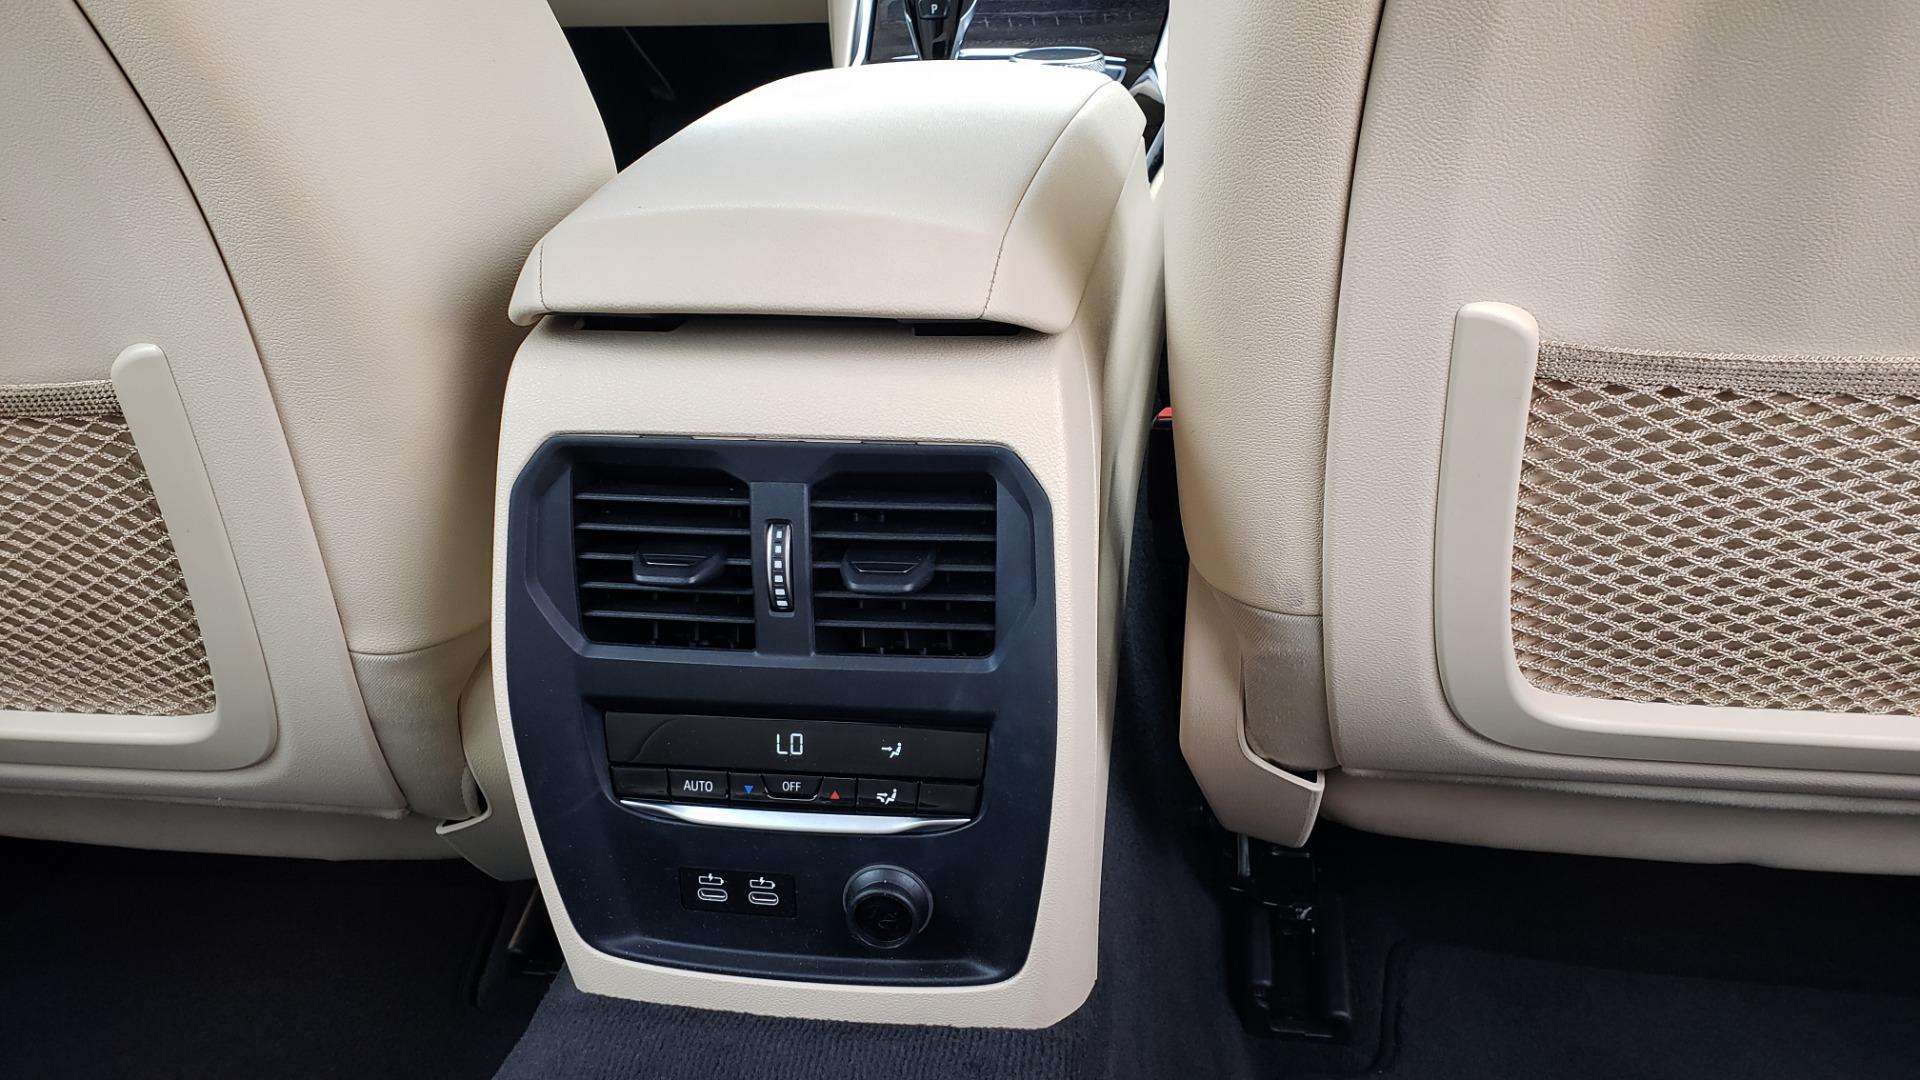 Used 2019 BMW 3 SERIES 330I PREM PKG / NAV / CONV PKG / H&K SND / LIVE COCKPIT PRO for sale Sold at Formula Imports in Charlotte NC 28227 80